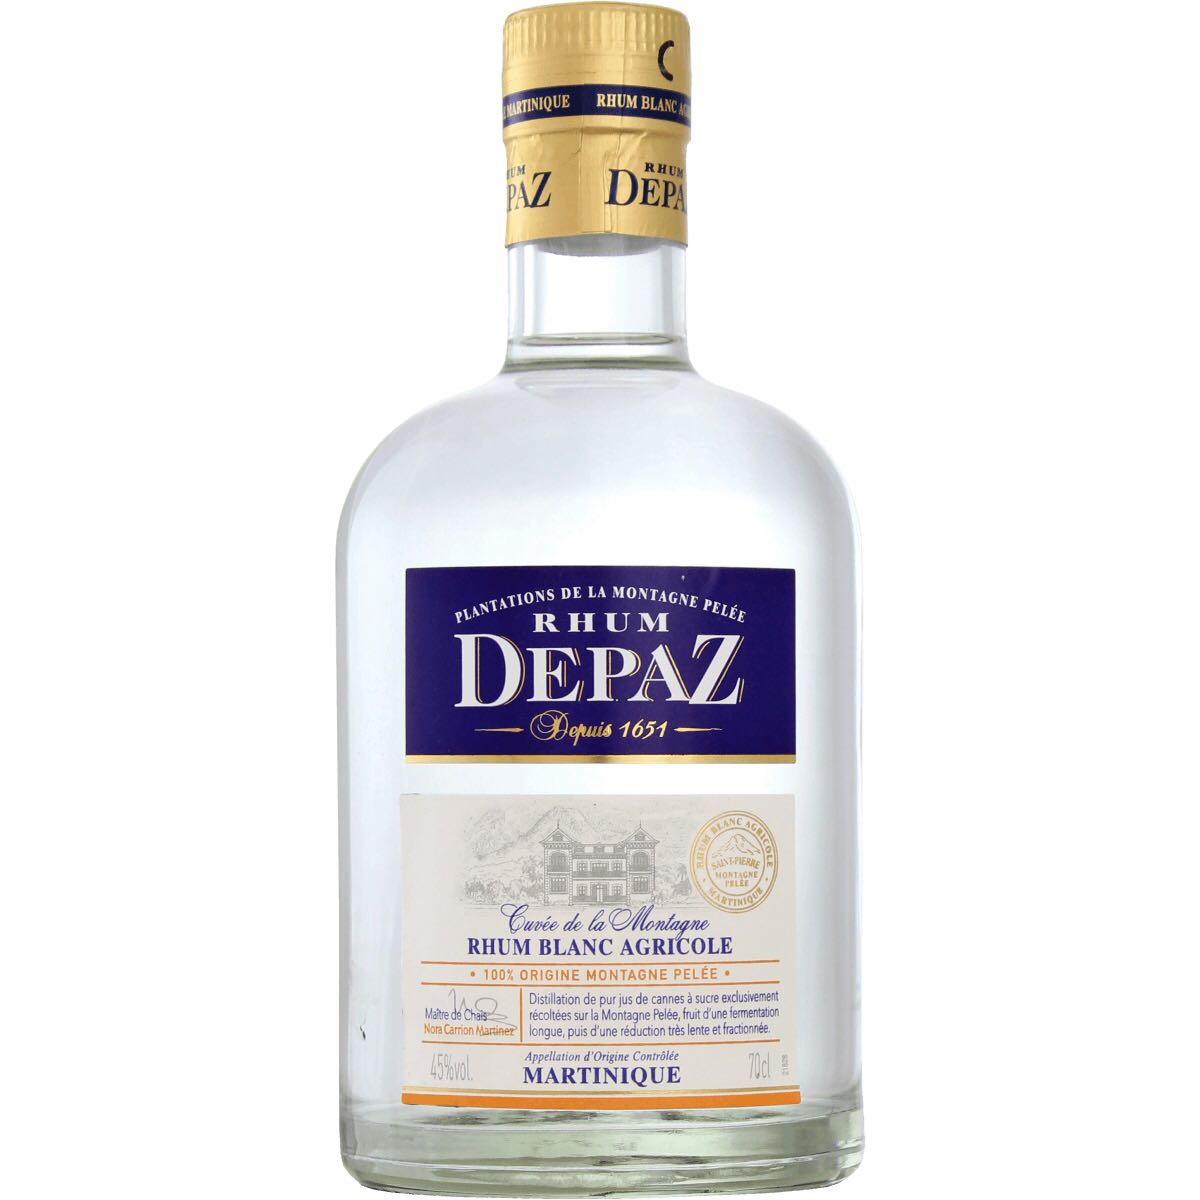 Bottle image of Cuvée de la Montagne - Rhum Blanc Agricole